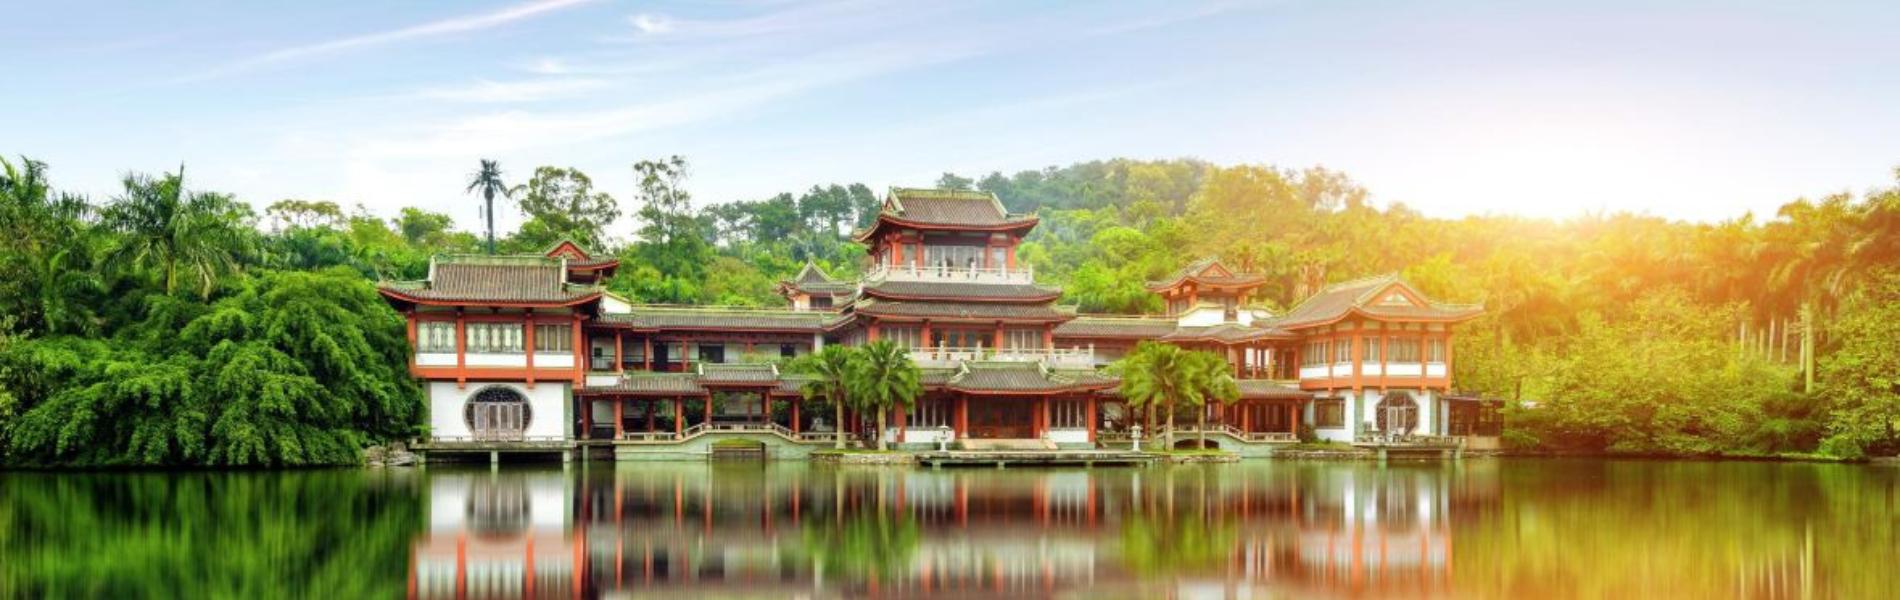 Bangkok Don Mueang Nanning China Nok Air